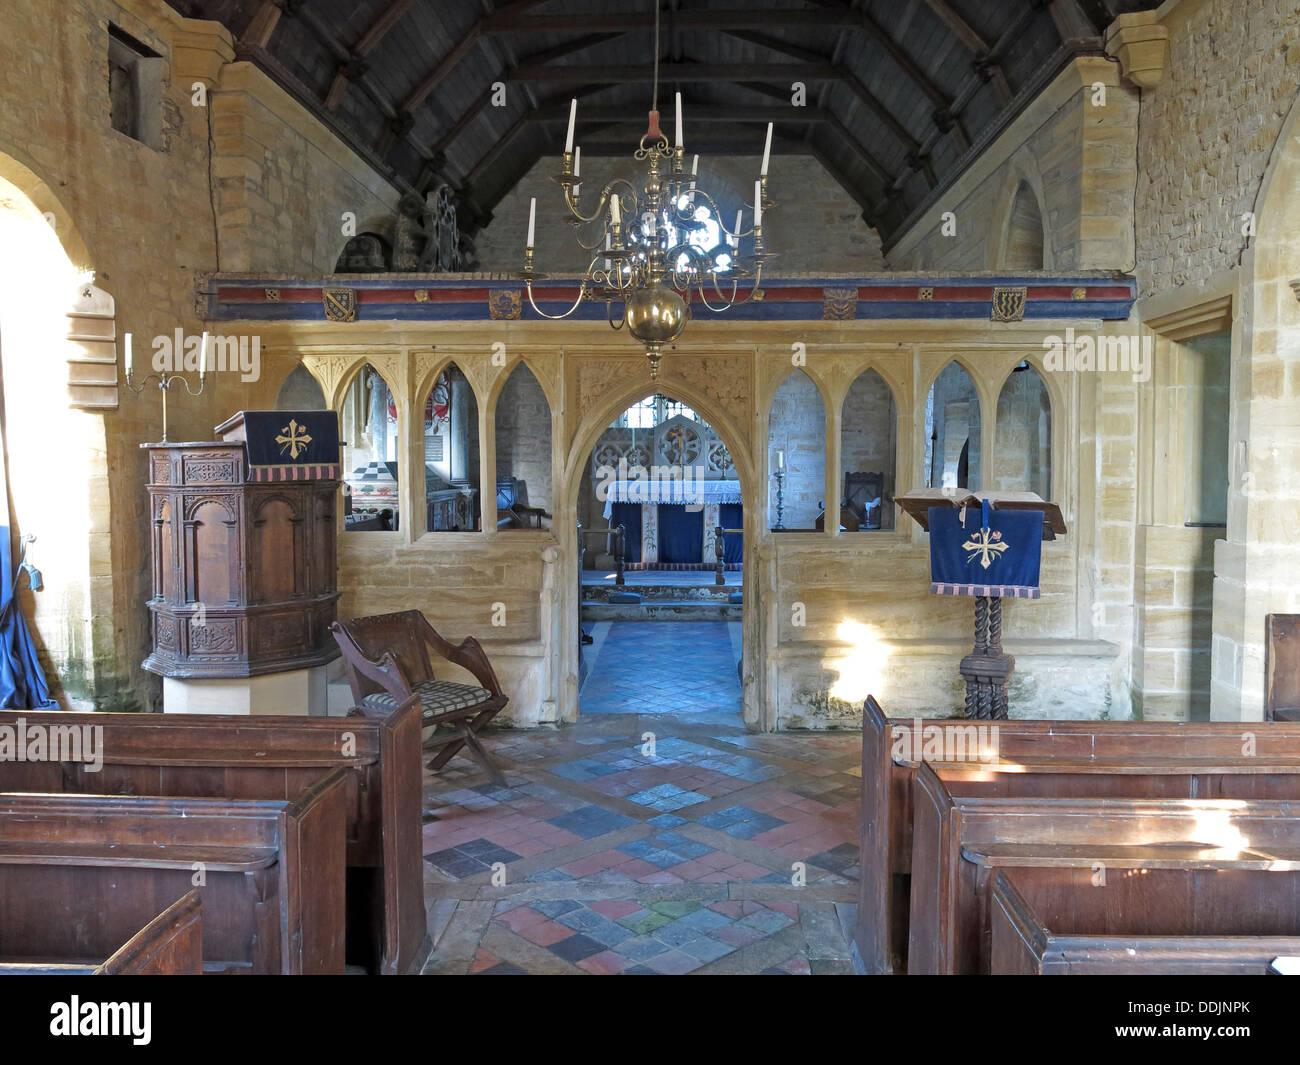 Laden Sie dieses Alamy Stockfoto Kapelle am Brympton d'Evercy, Yeovil, Somerset, England, Großbritannien - DDJNPK